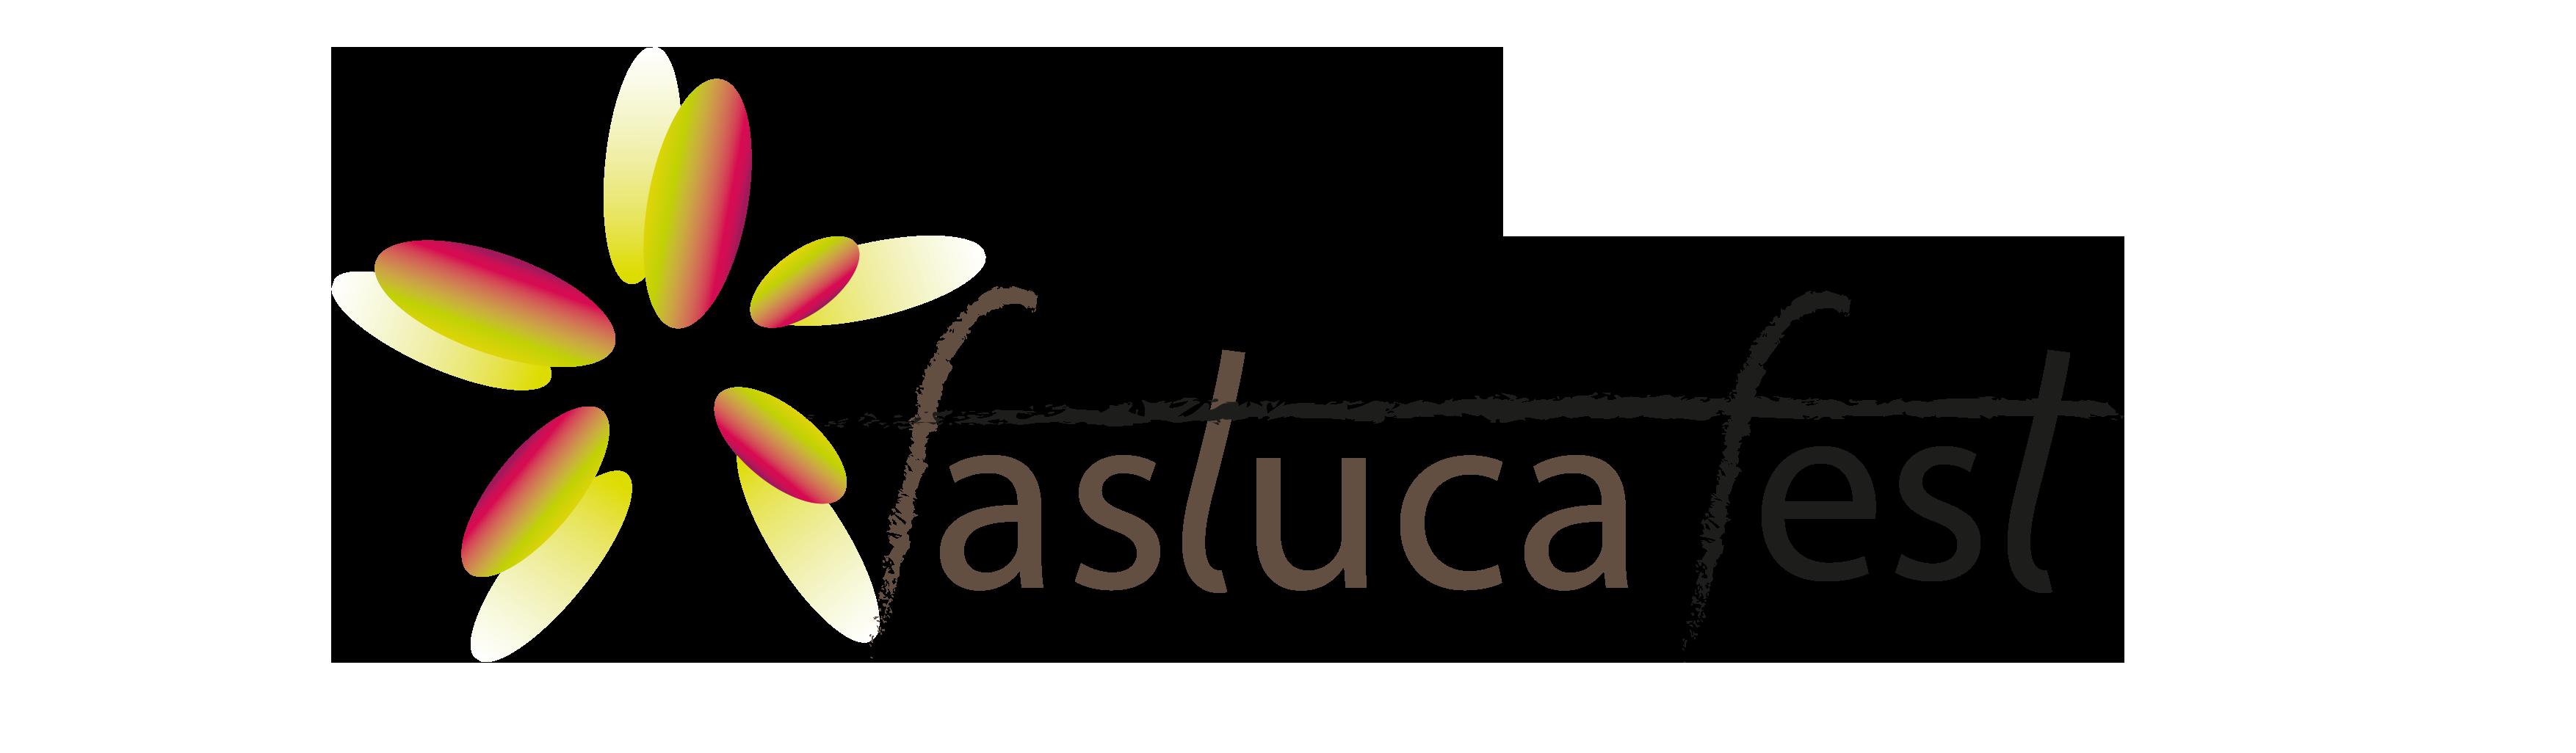 Fastucafest